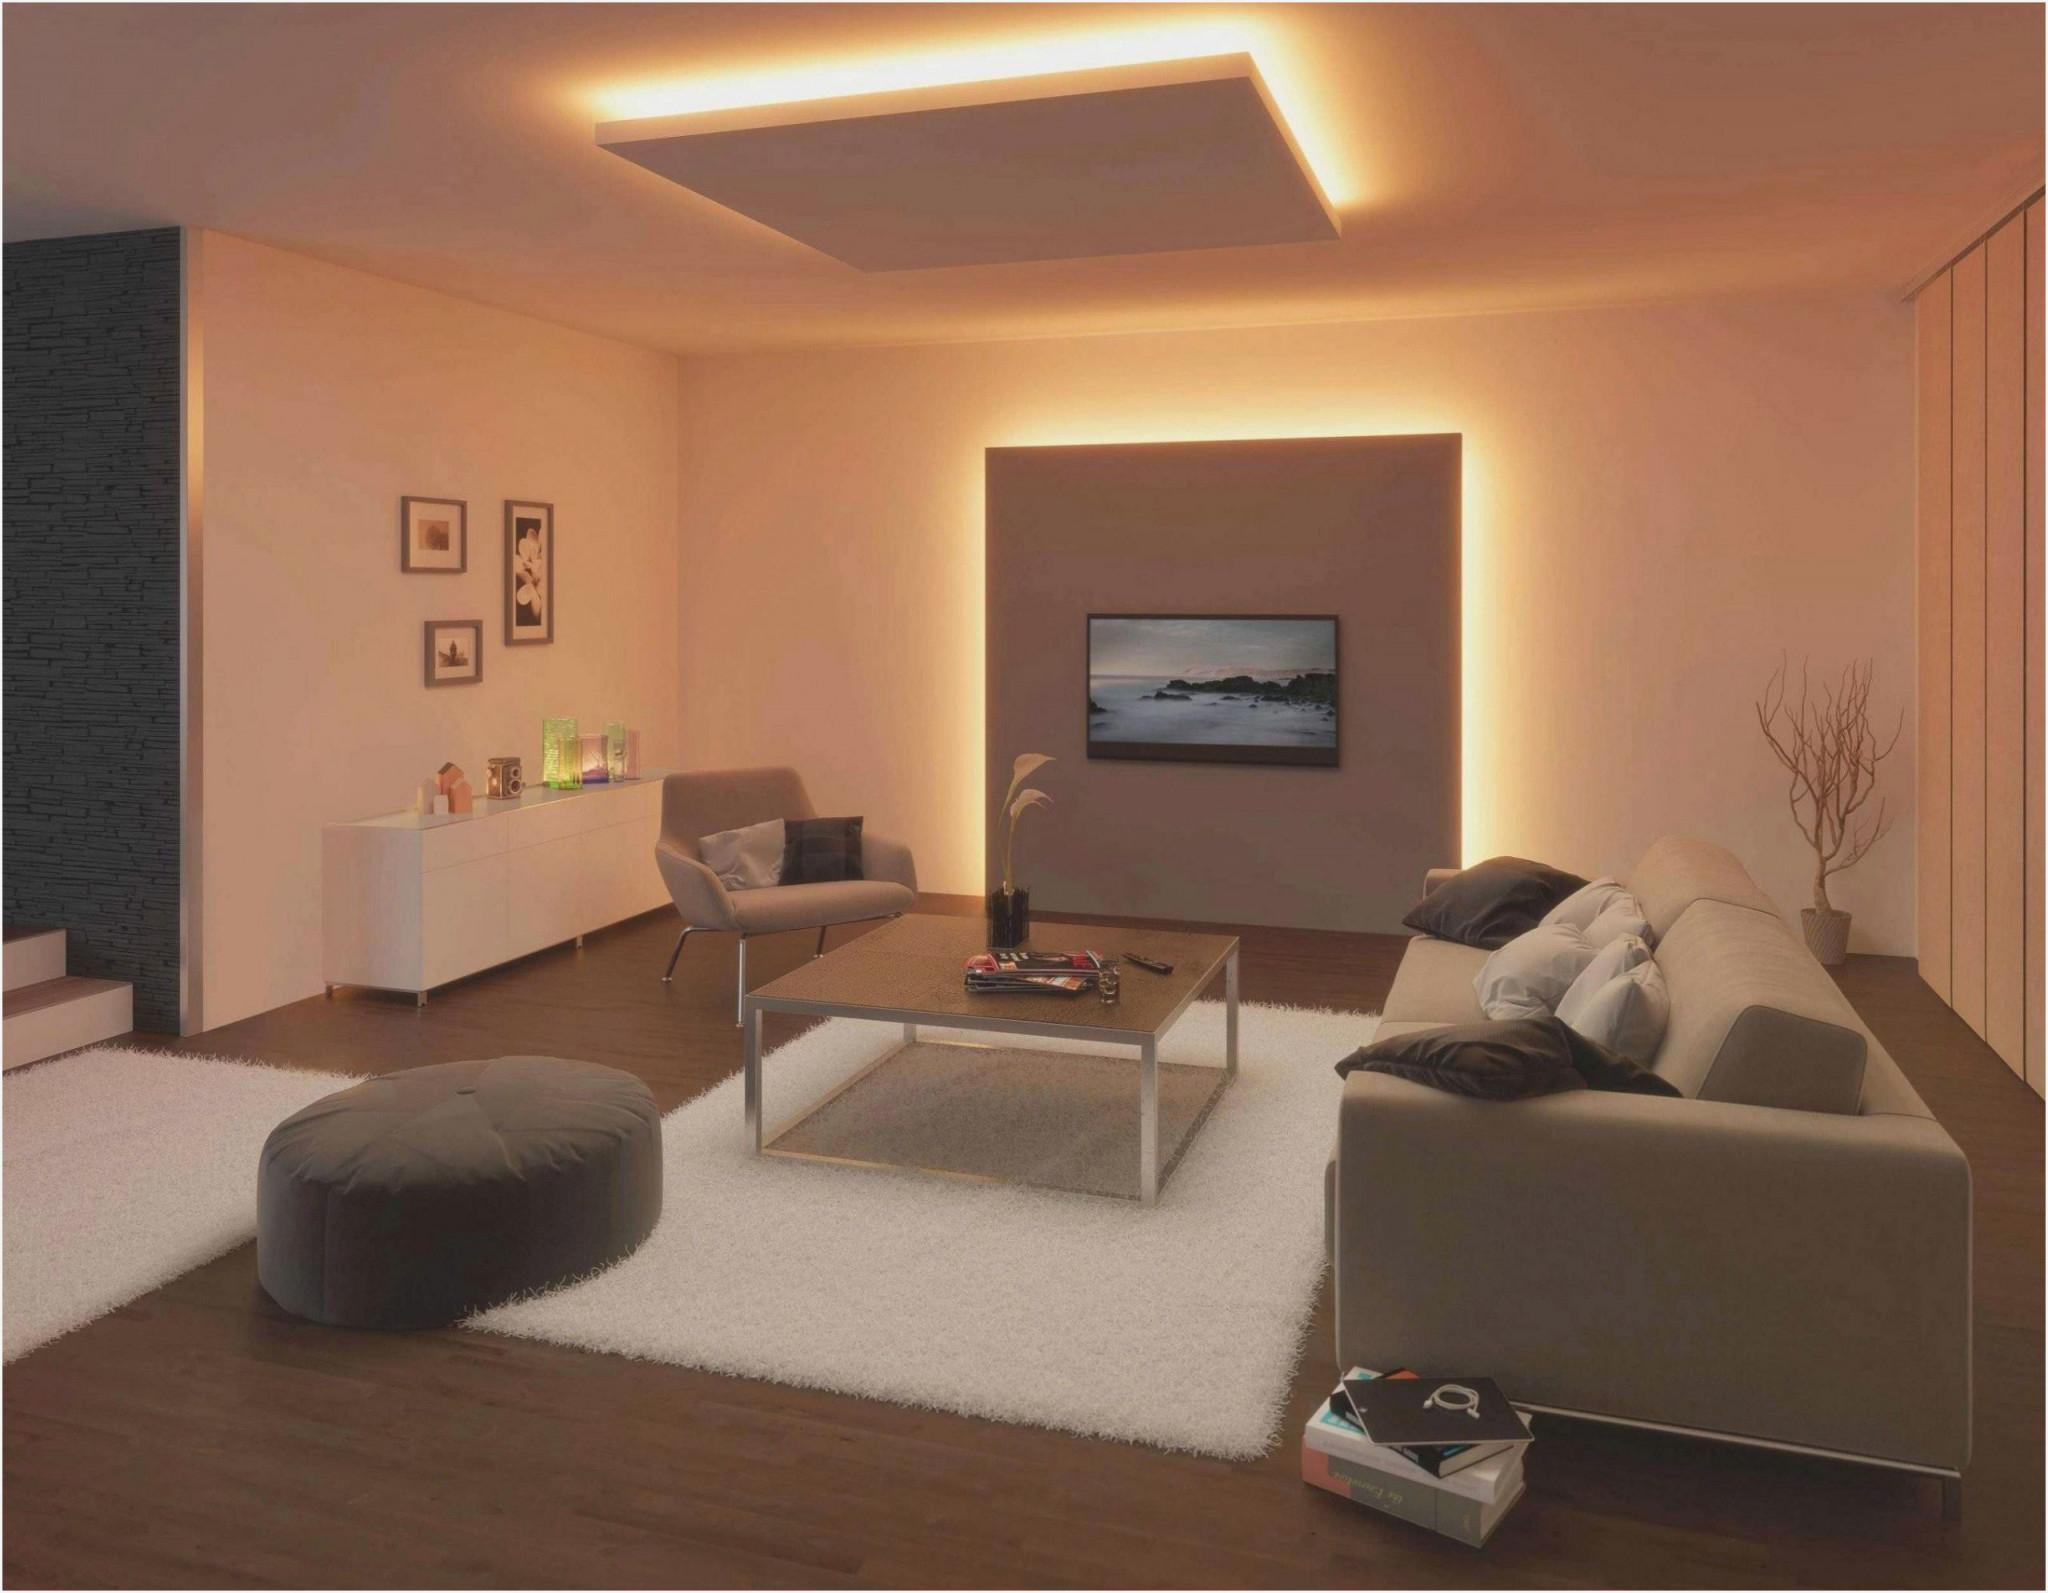 Beleuchtung Wohnzimmer L Form Einrichten  Wohnzimmer von Wohnzimmer L Form Einrichten Photo